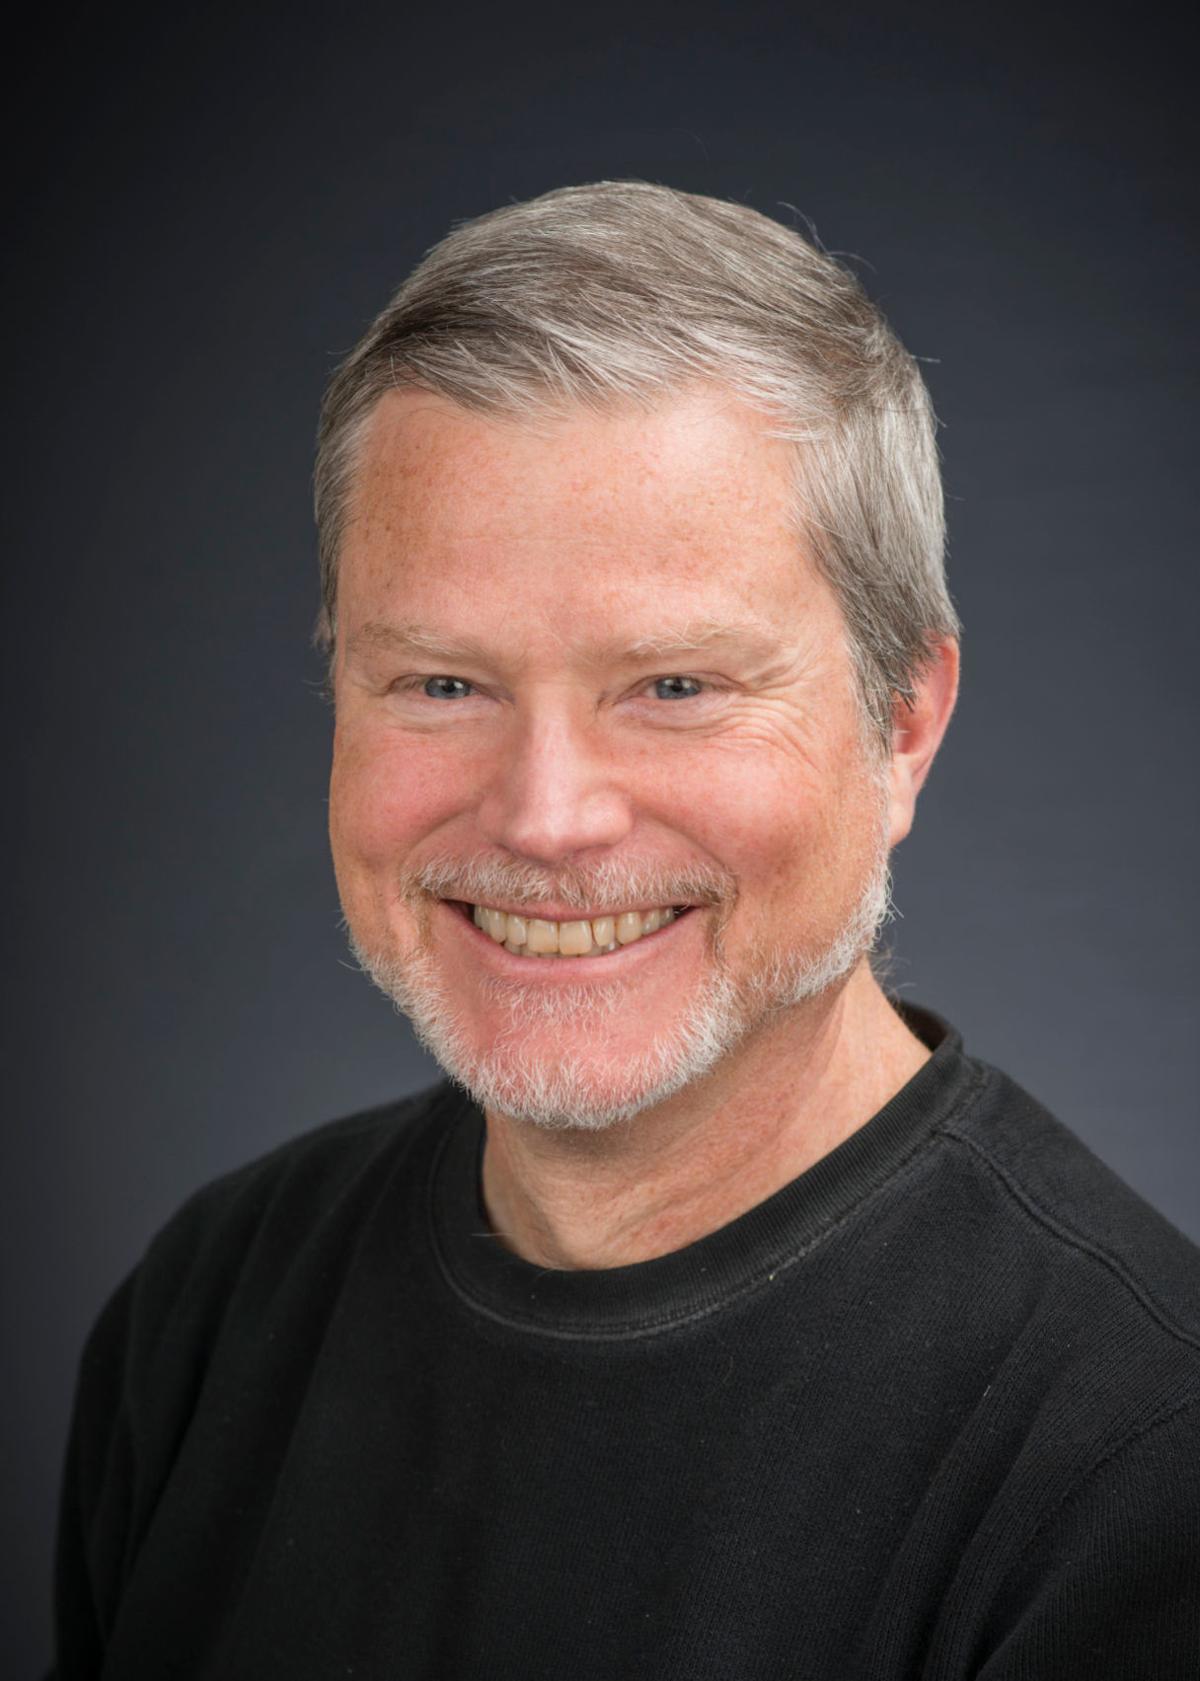 Jonathan Shailor